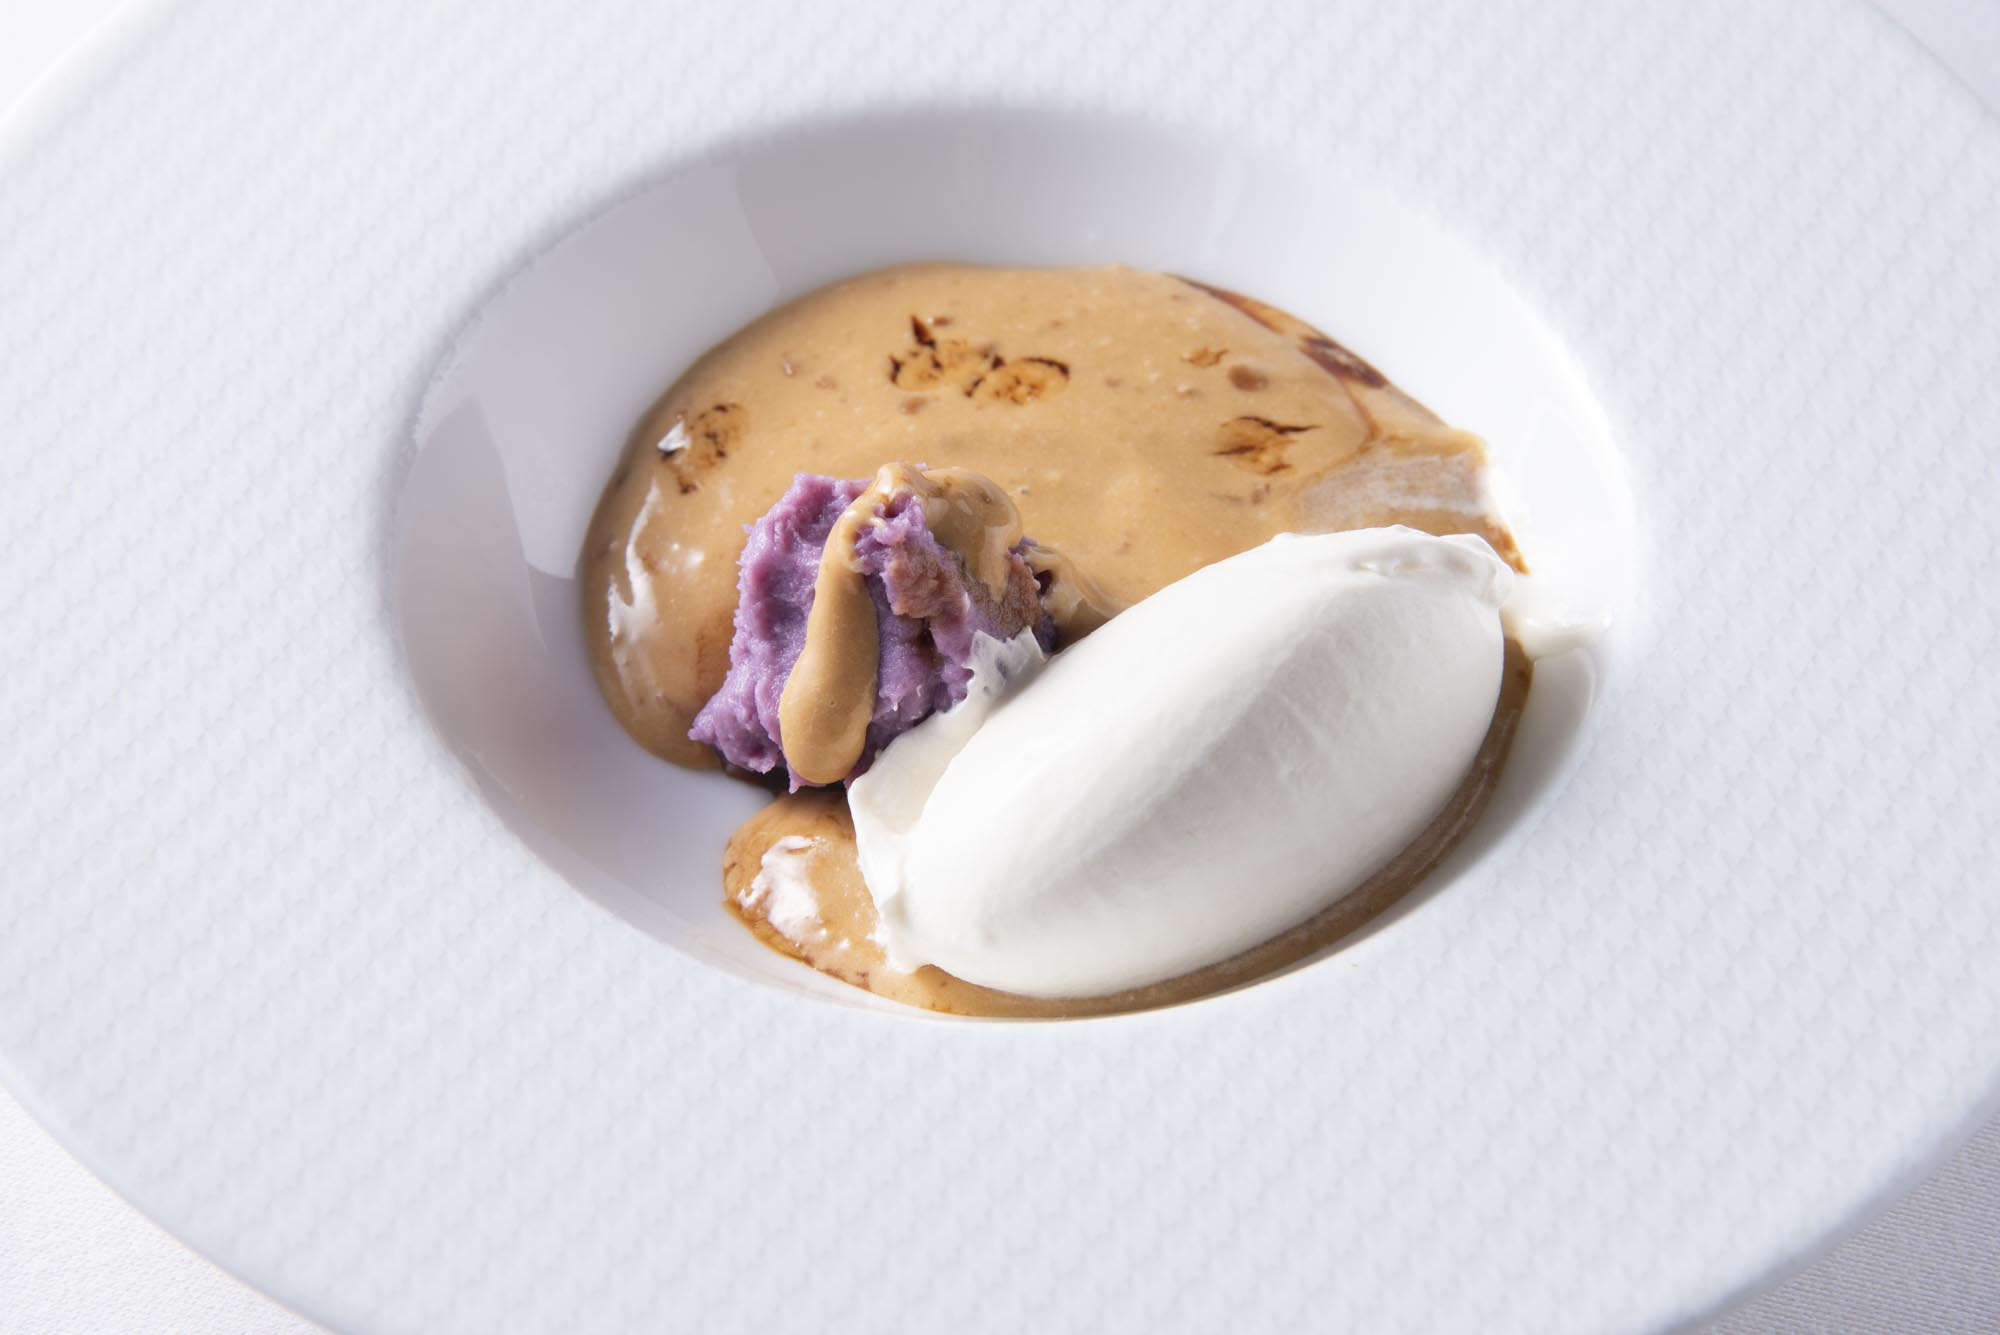 蜂蜜アイス、カラメルクリーム、塩味の紫芋